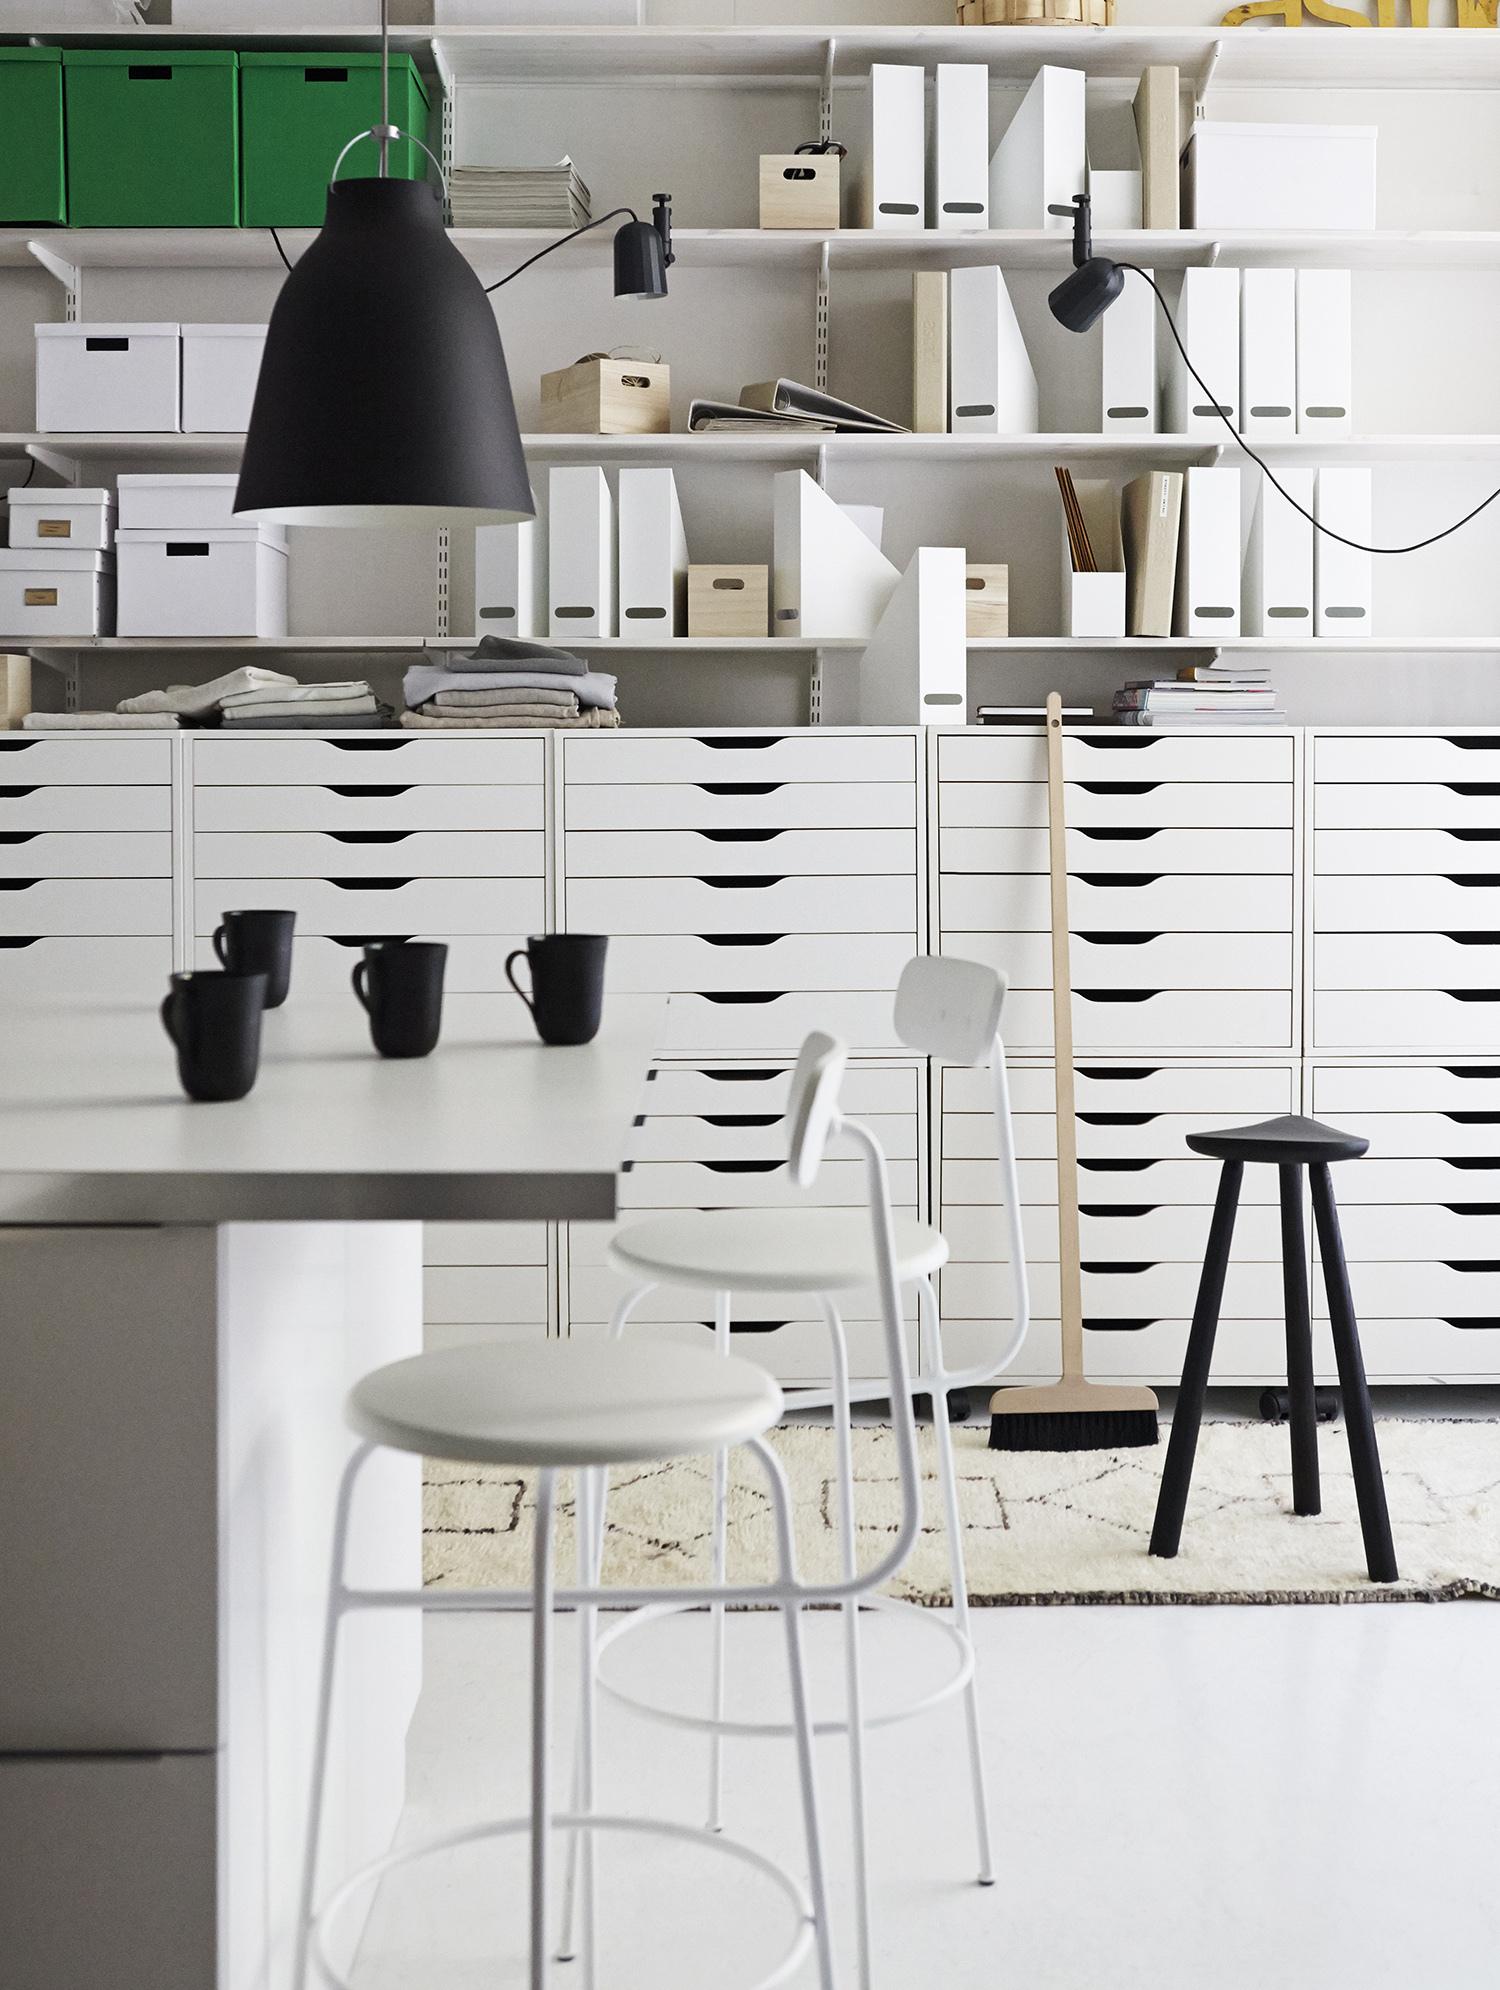 Så skapar du din arbetsplats Elle Decoration - fixaodona.se